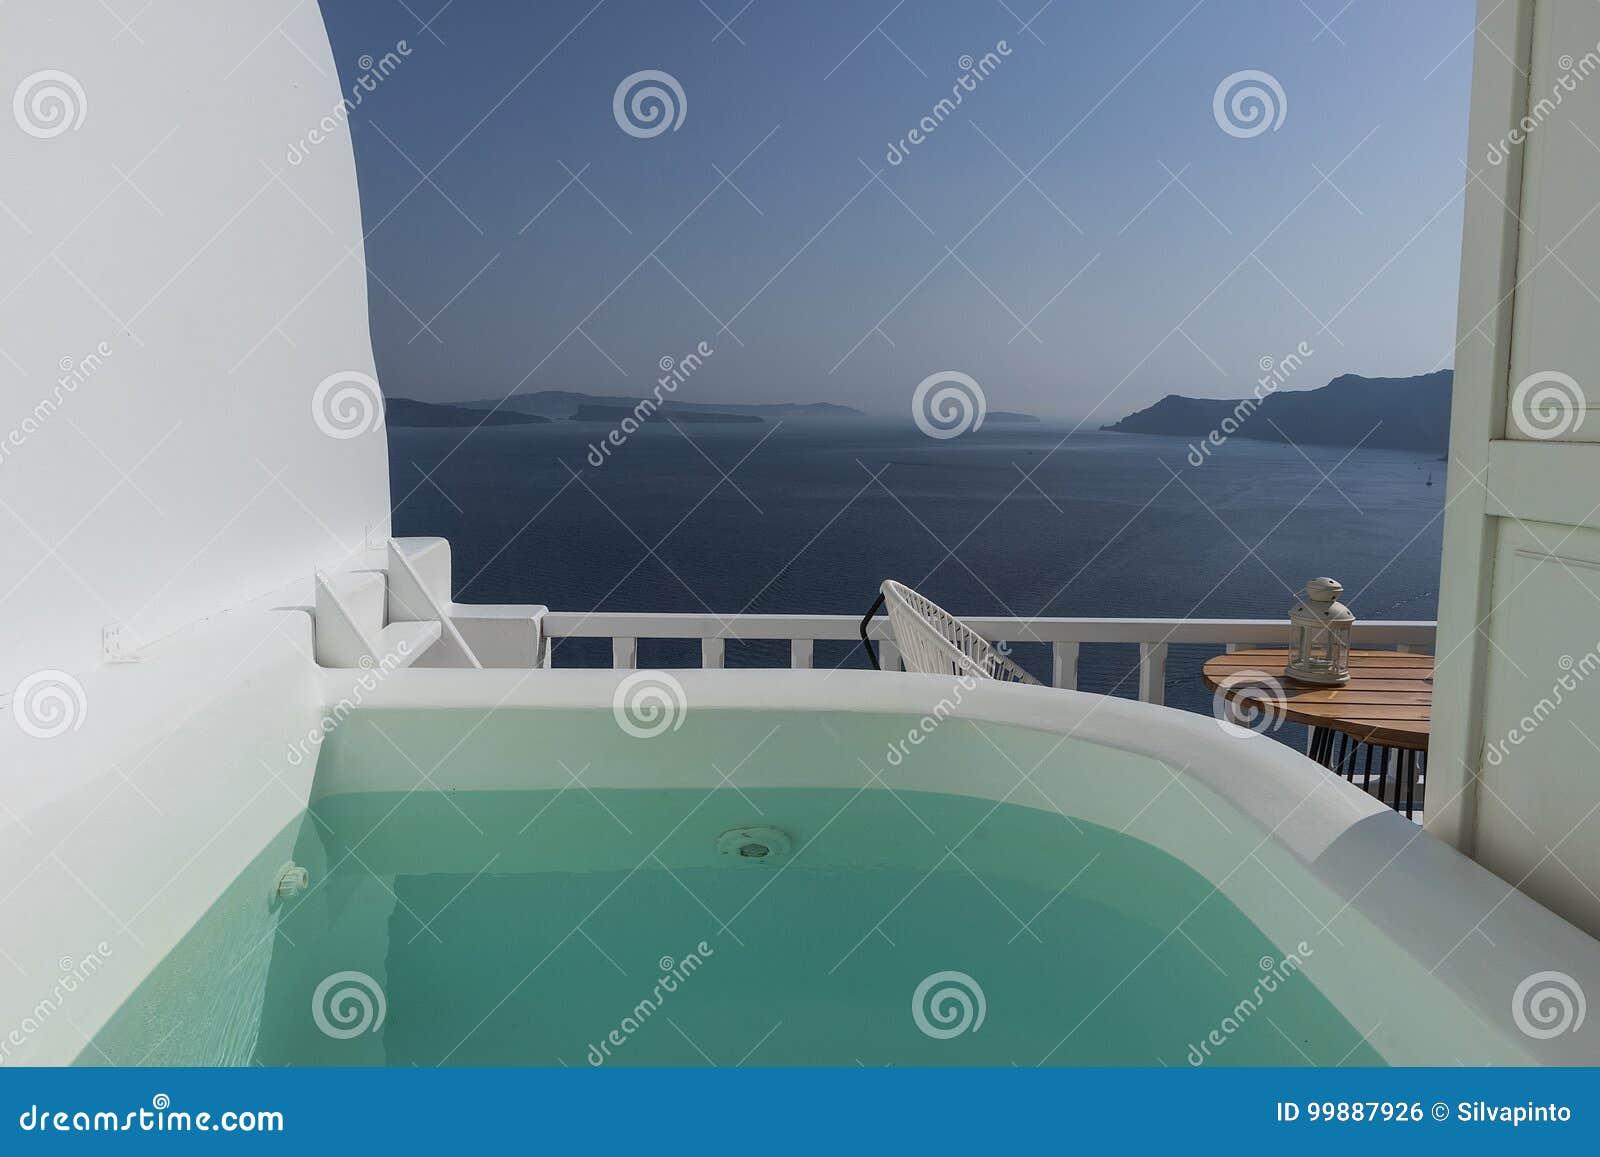 Balkon Mit Jacuzzi Archivbilder Abgabe Des Download 36 Geben Fotos